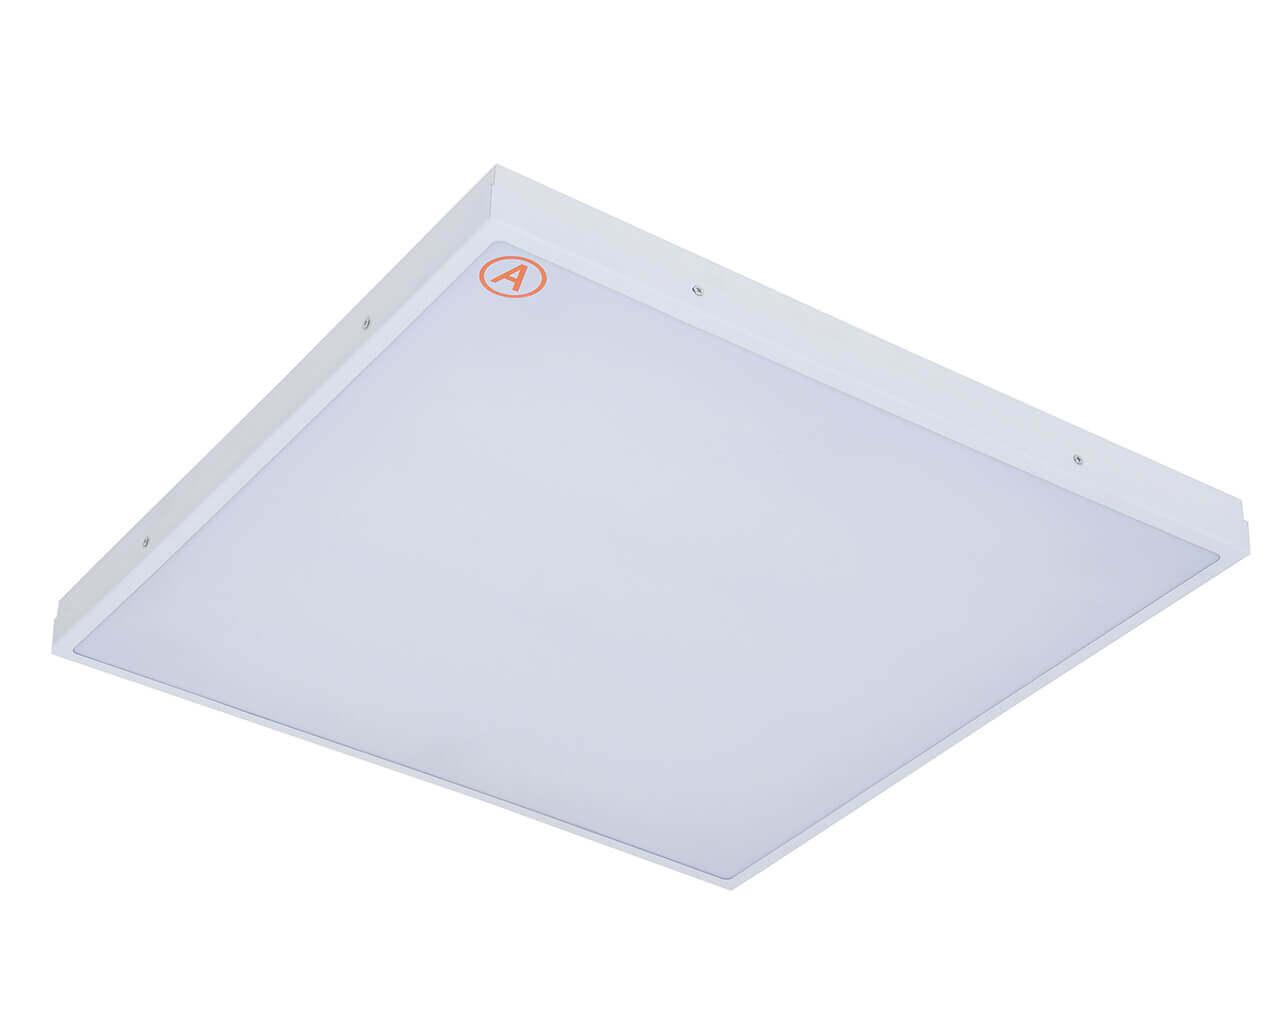 Встраиваемый светильник LC-SIP-40-OP 595x595 Теплый белый Опал с Бап-3 часа